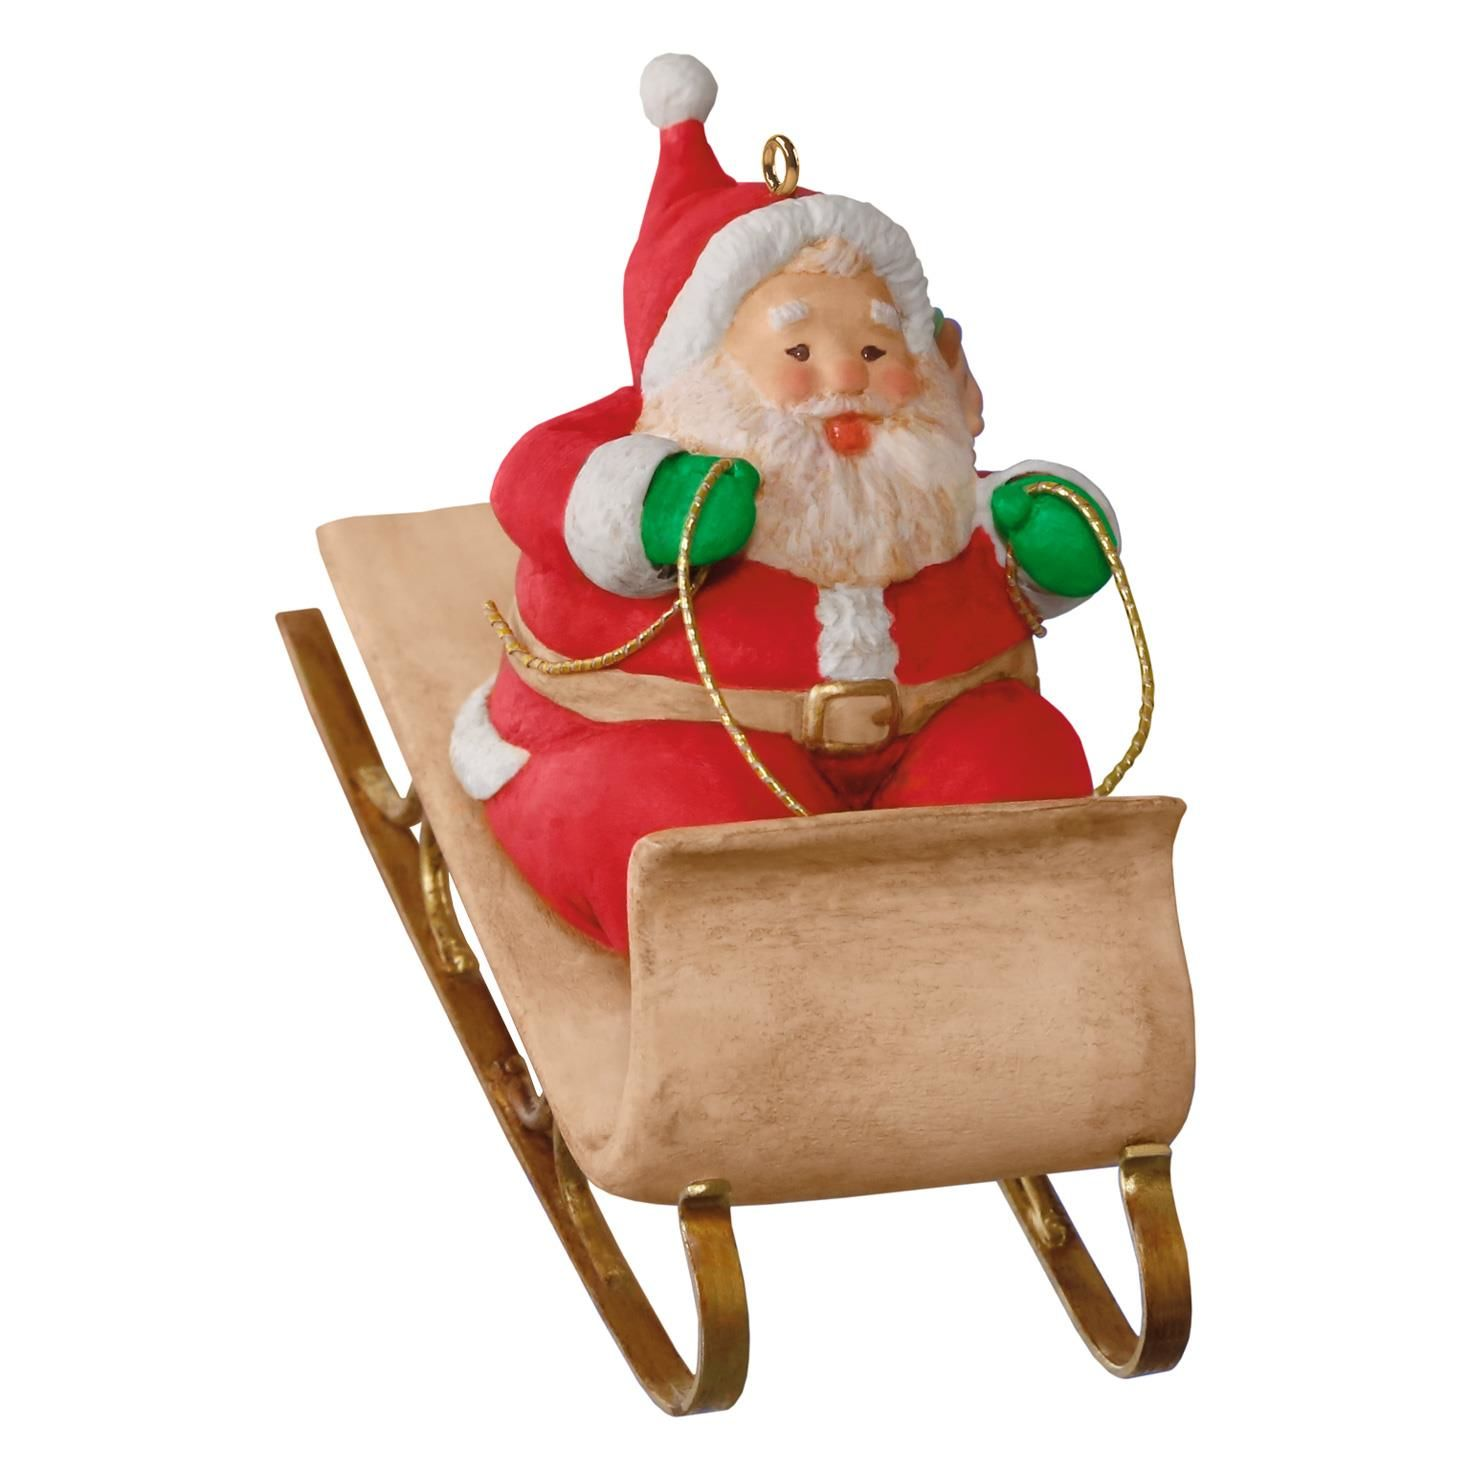 1470x1470 Mary Hamilton's Sledding Santa Ornament